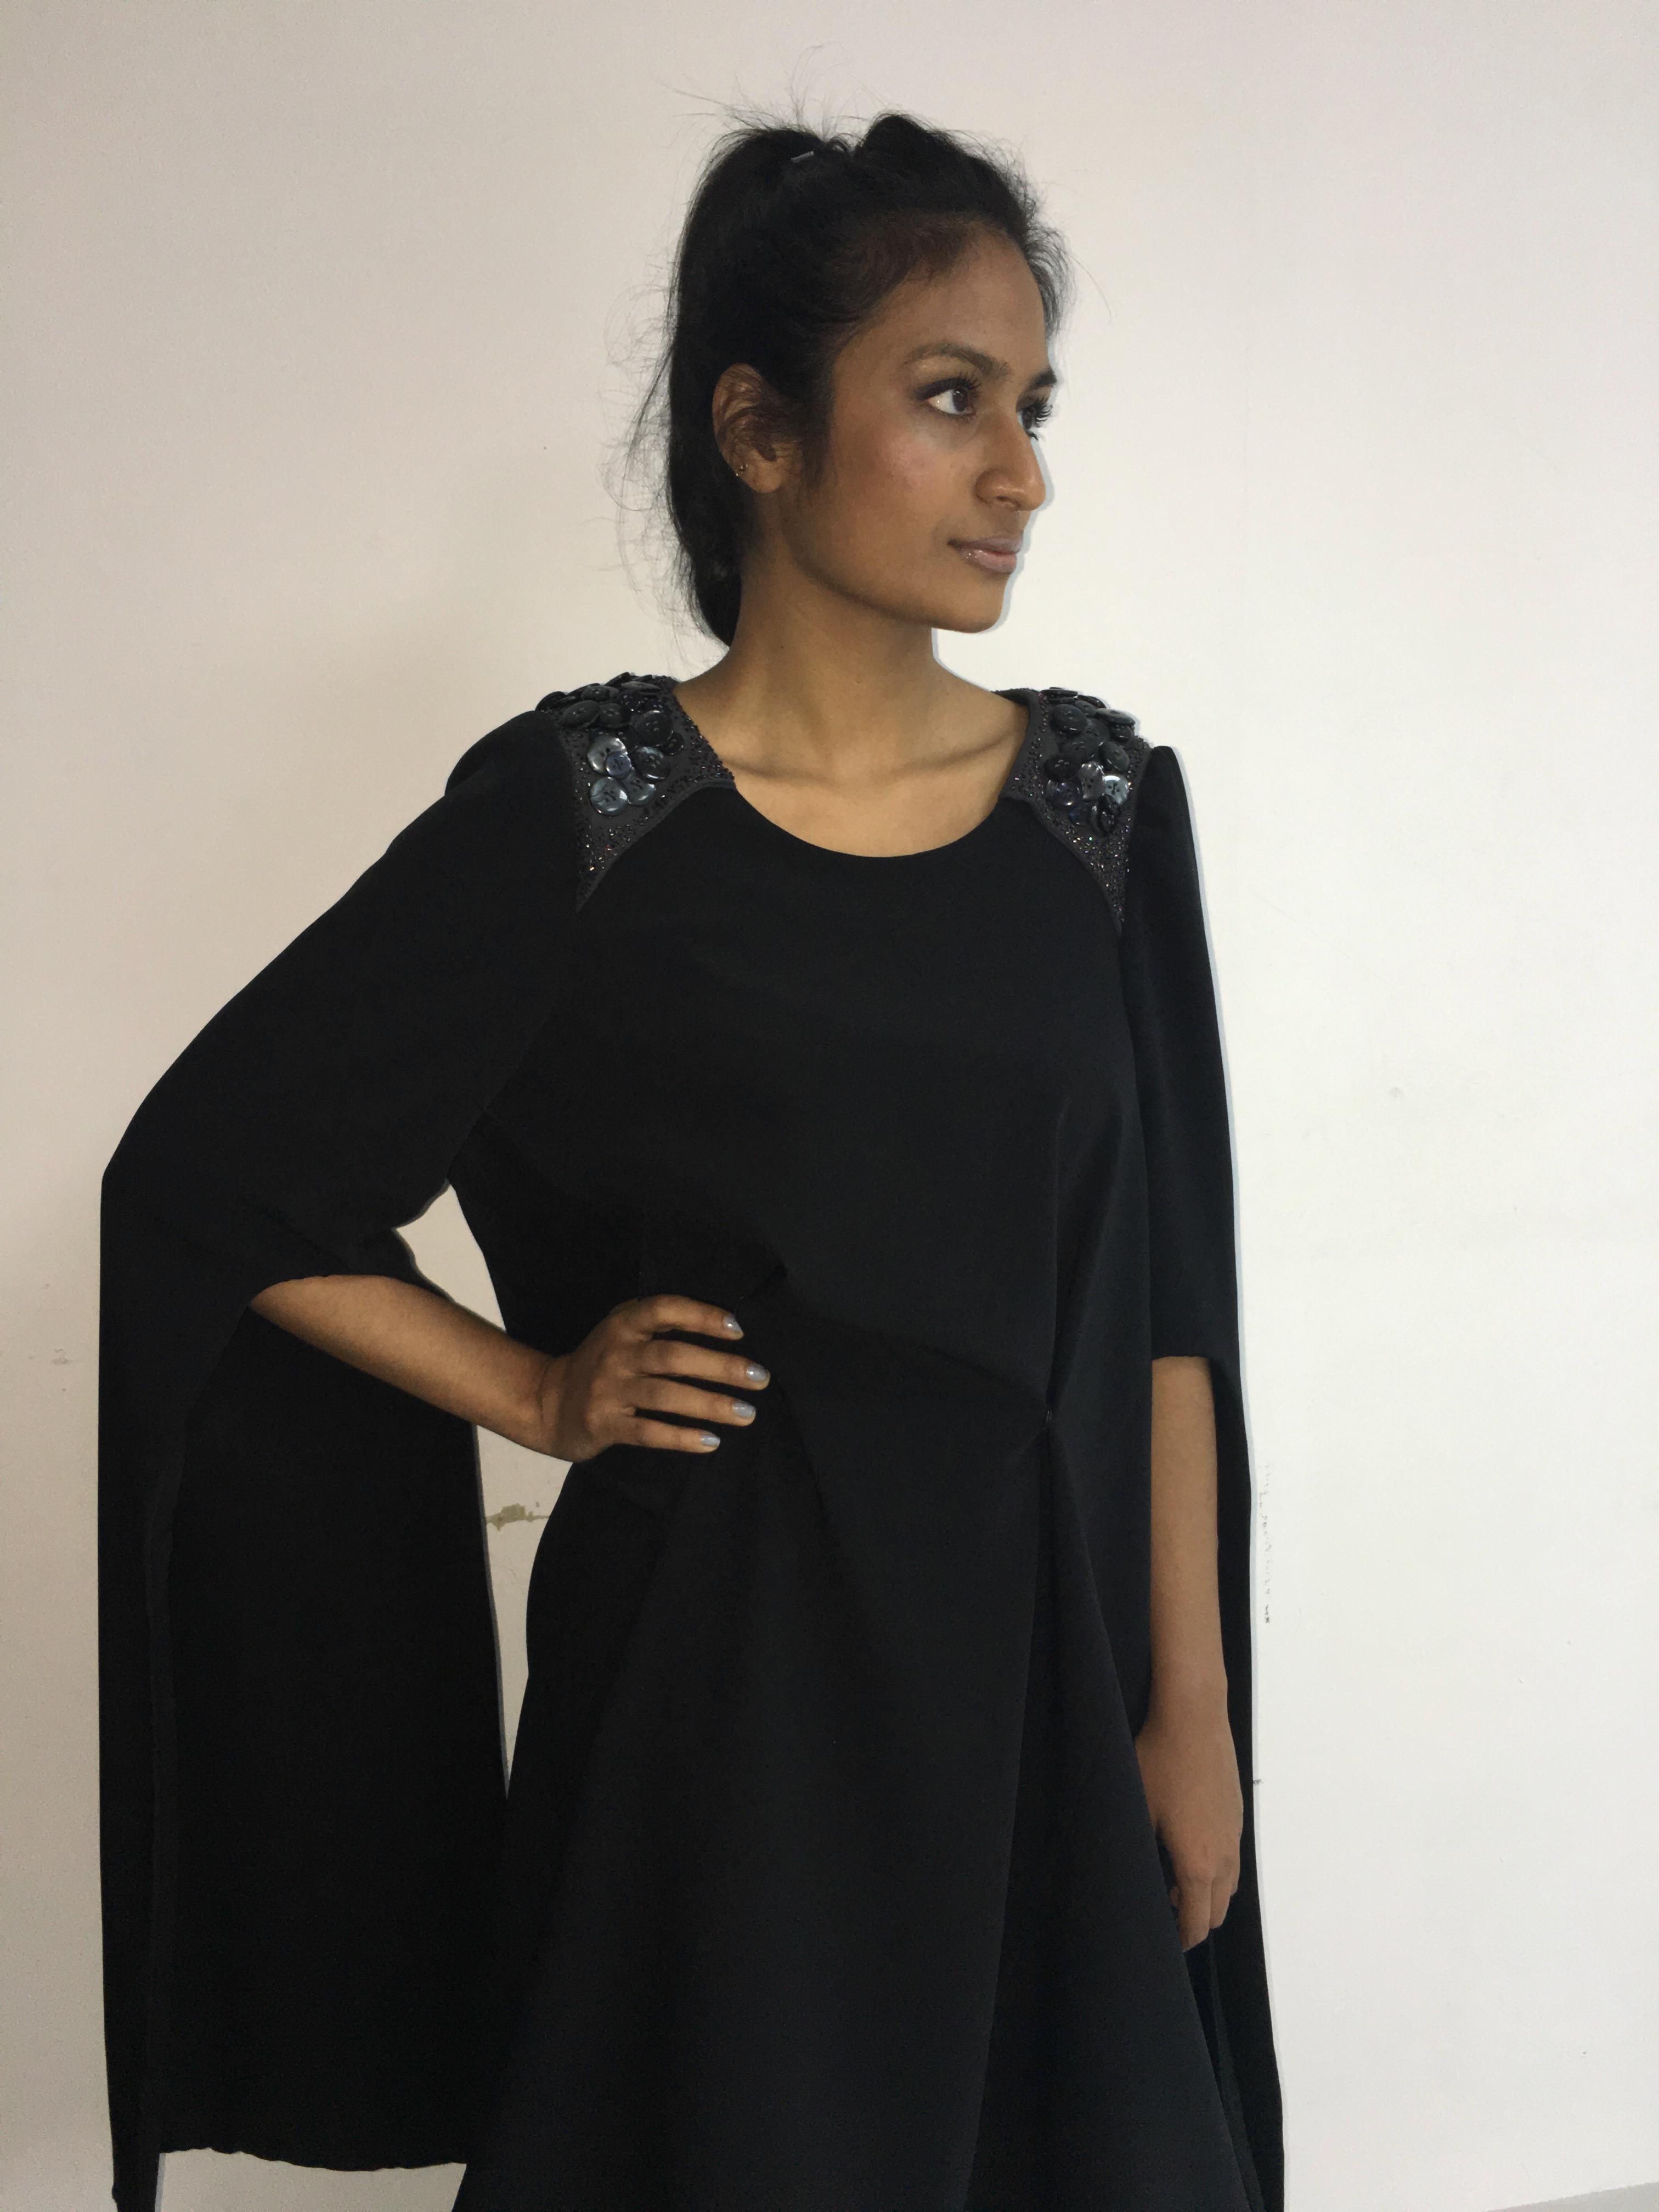 Luxury Sustainable Fashion Designer  - Adjustable